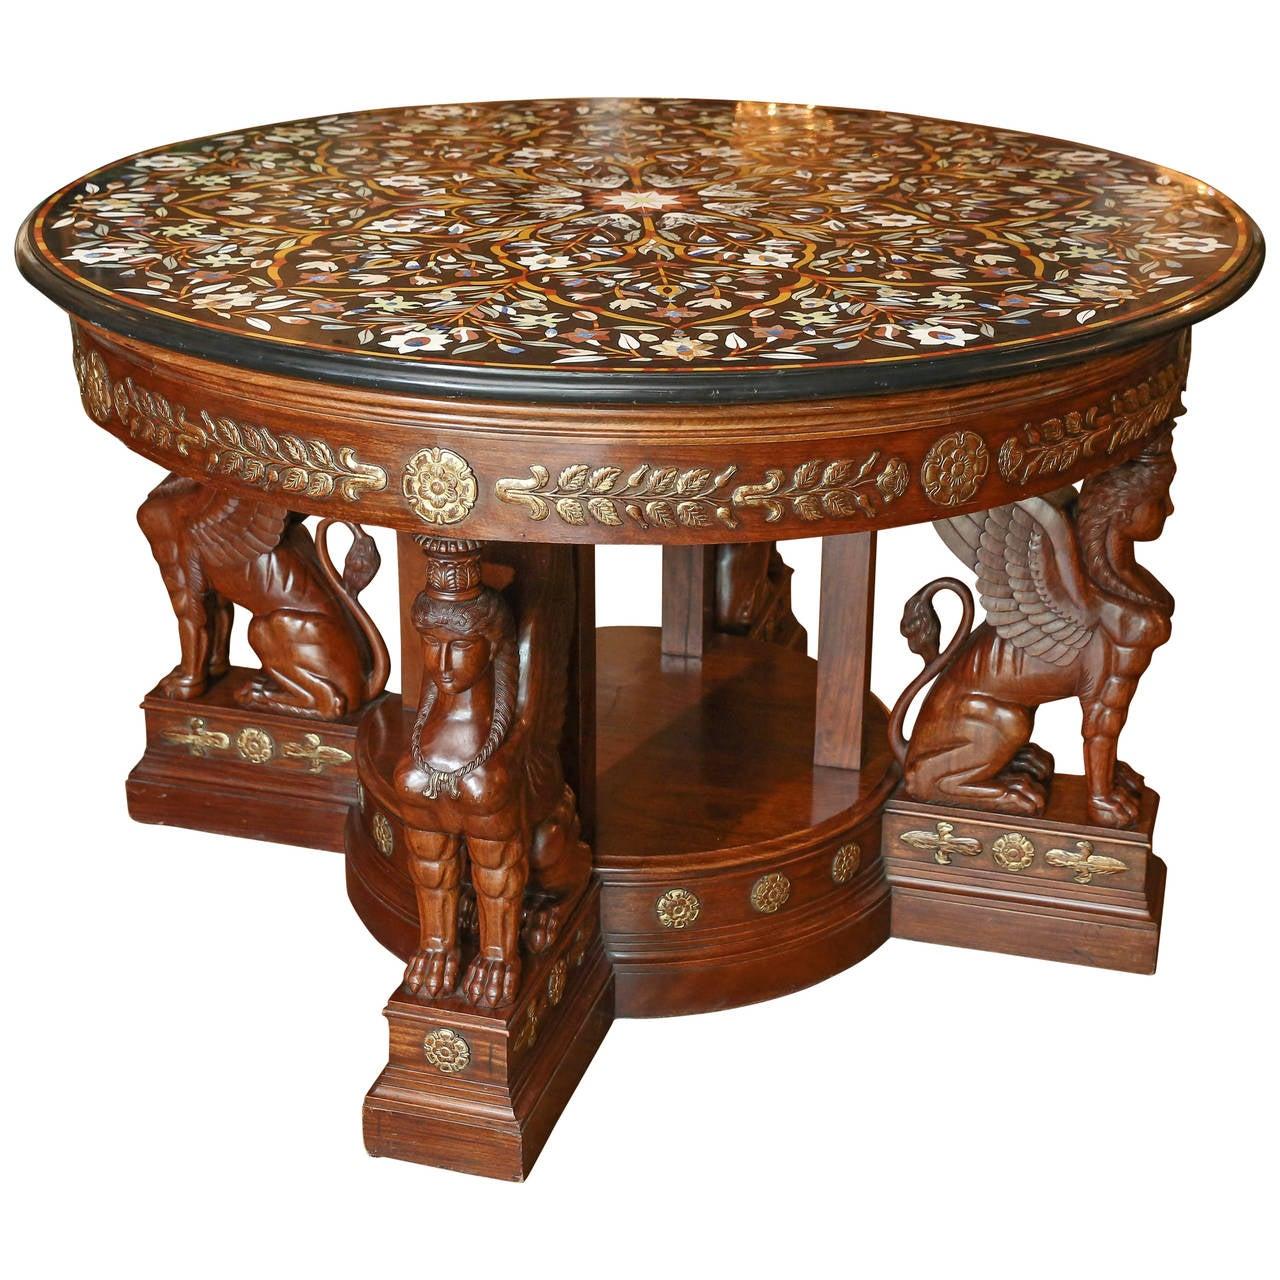 Round pietra dura semi precious stone top center table for Furniture centre table